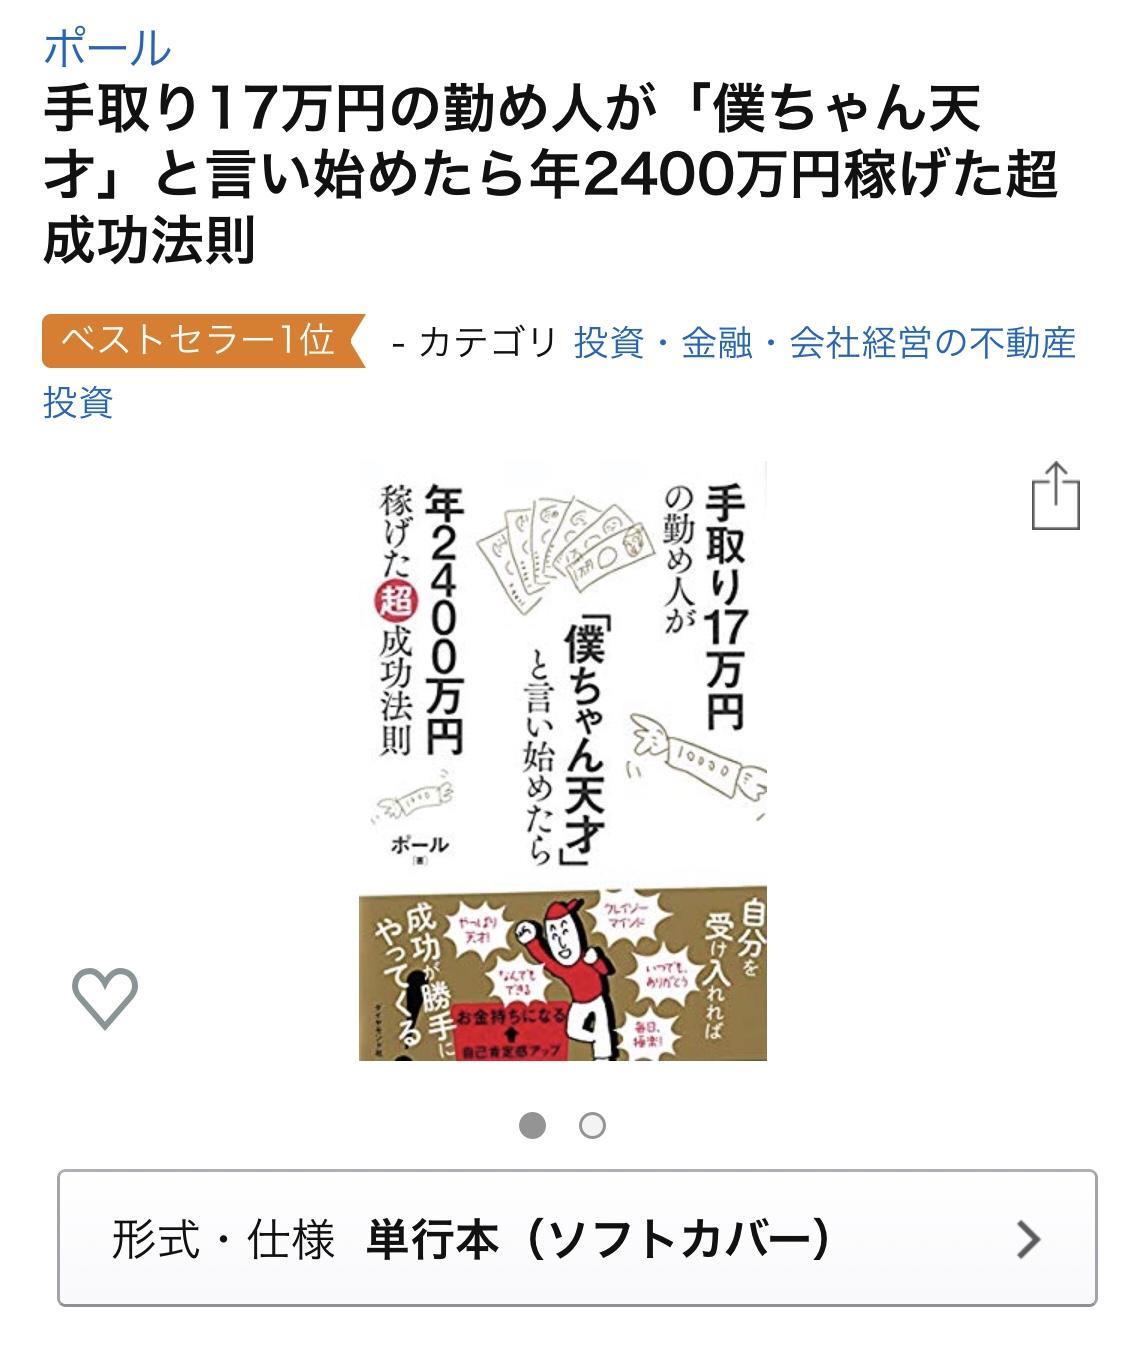 fc2blog_201909190951476da.jpg